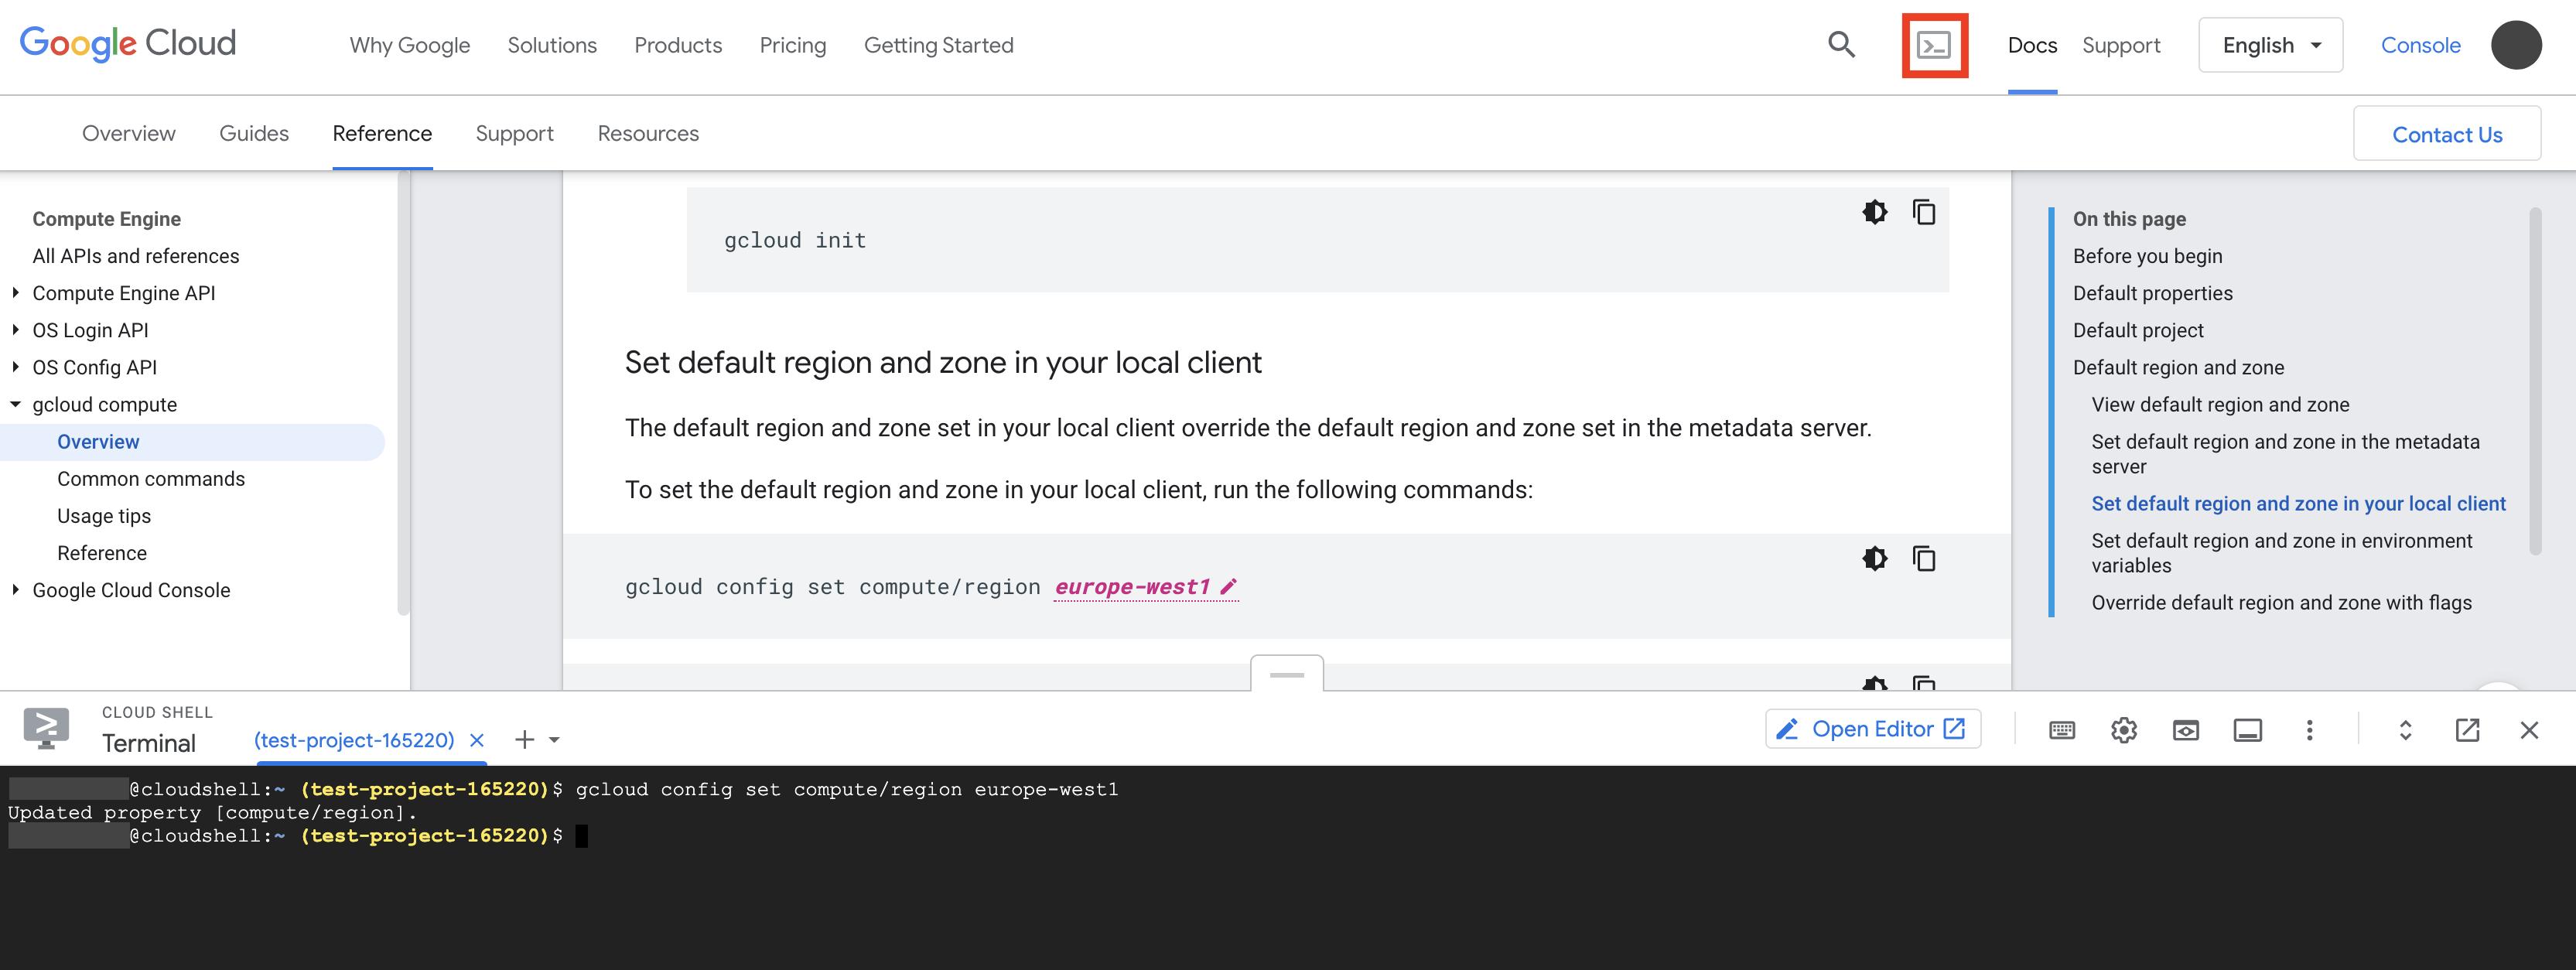 ドキュメント ページの下半分で Cloud Shell ターミナルが起動し、gcloud コマンドの例が Cloud Shell ターミナルにコピーされます